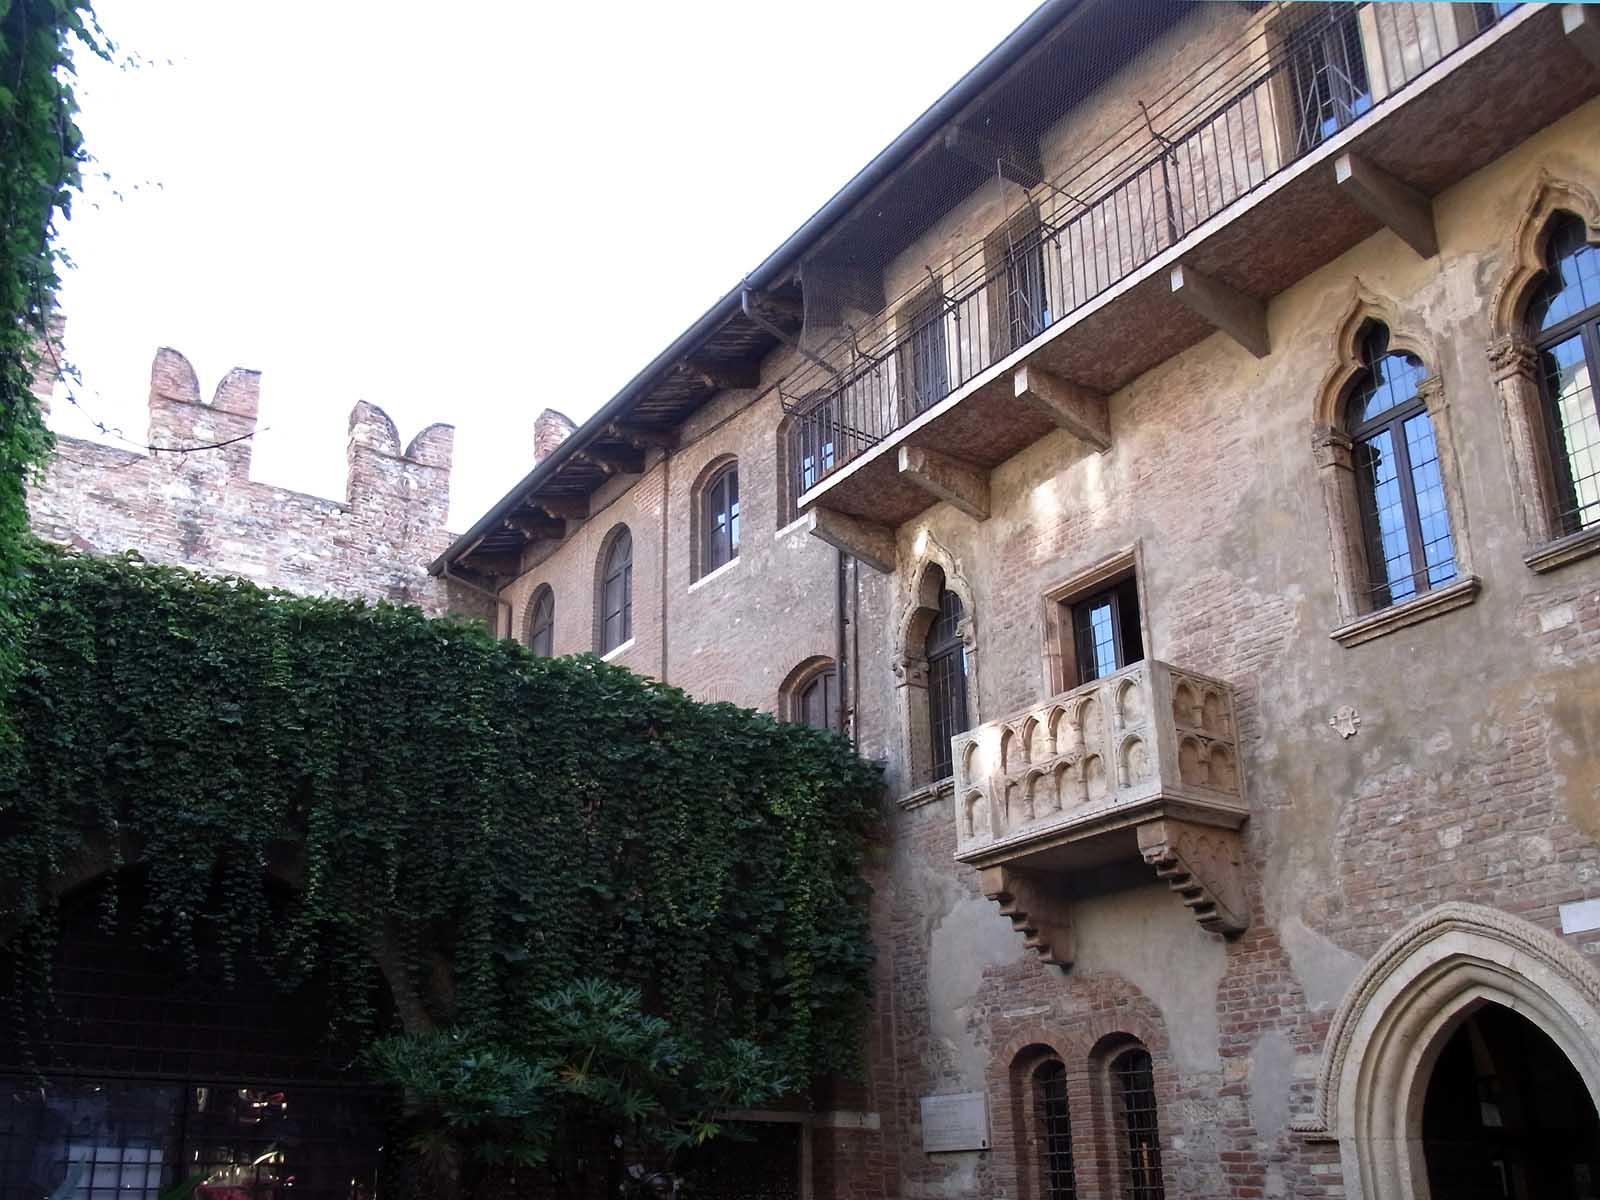 Balkon Romeo Und Julia Verona Vr Italien Hylen Maddawards Com